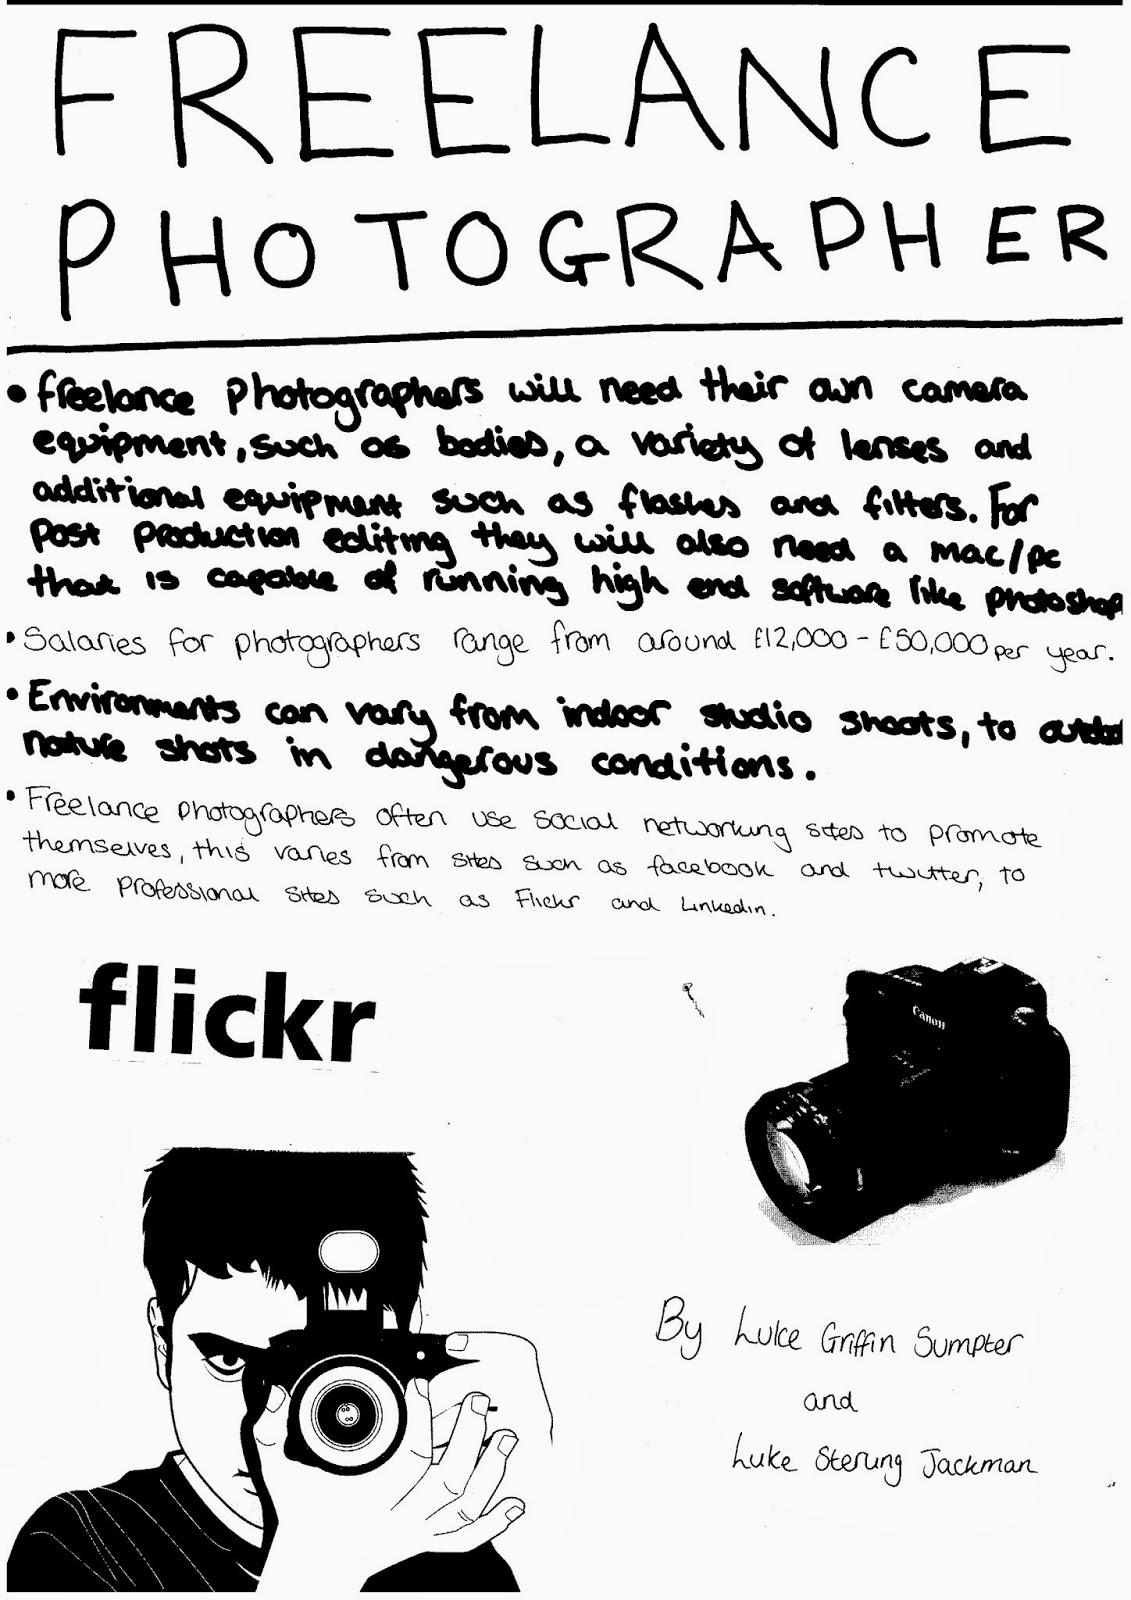 Freelance Photographer Poster | Luke Griffin Sumpter Level 3